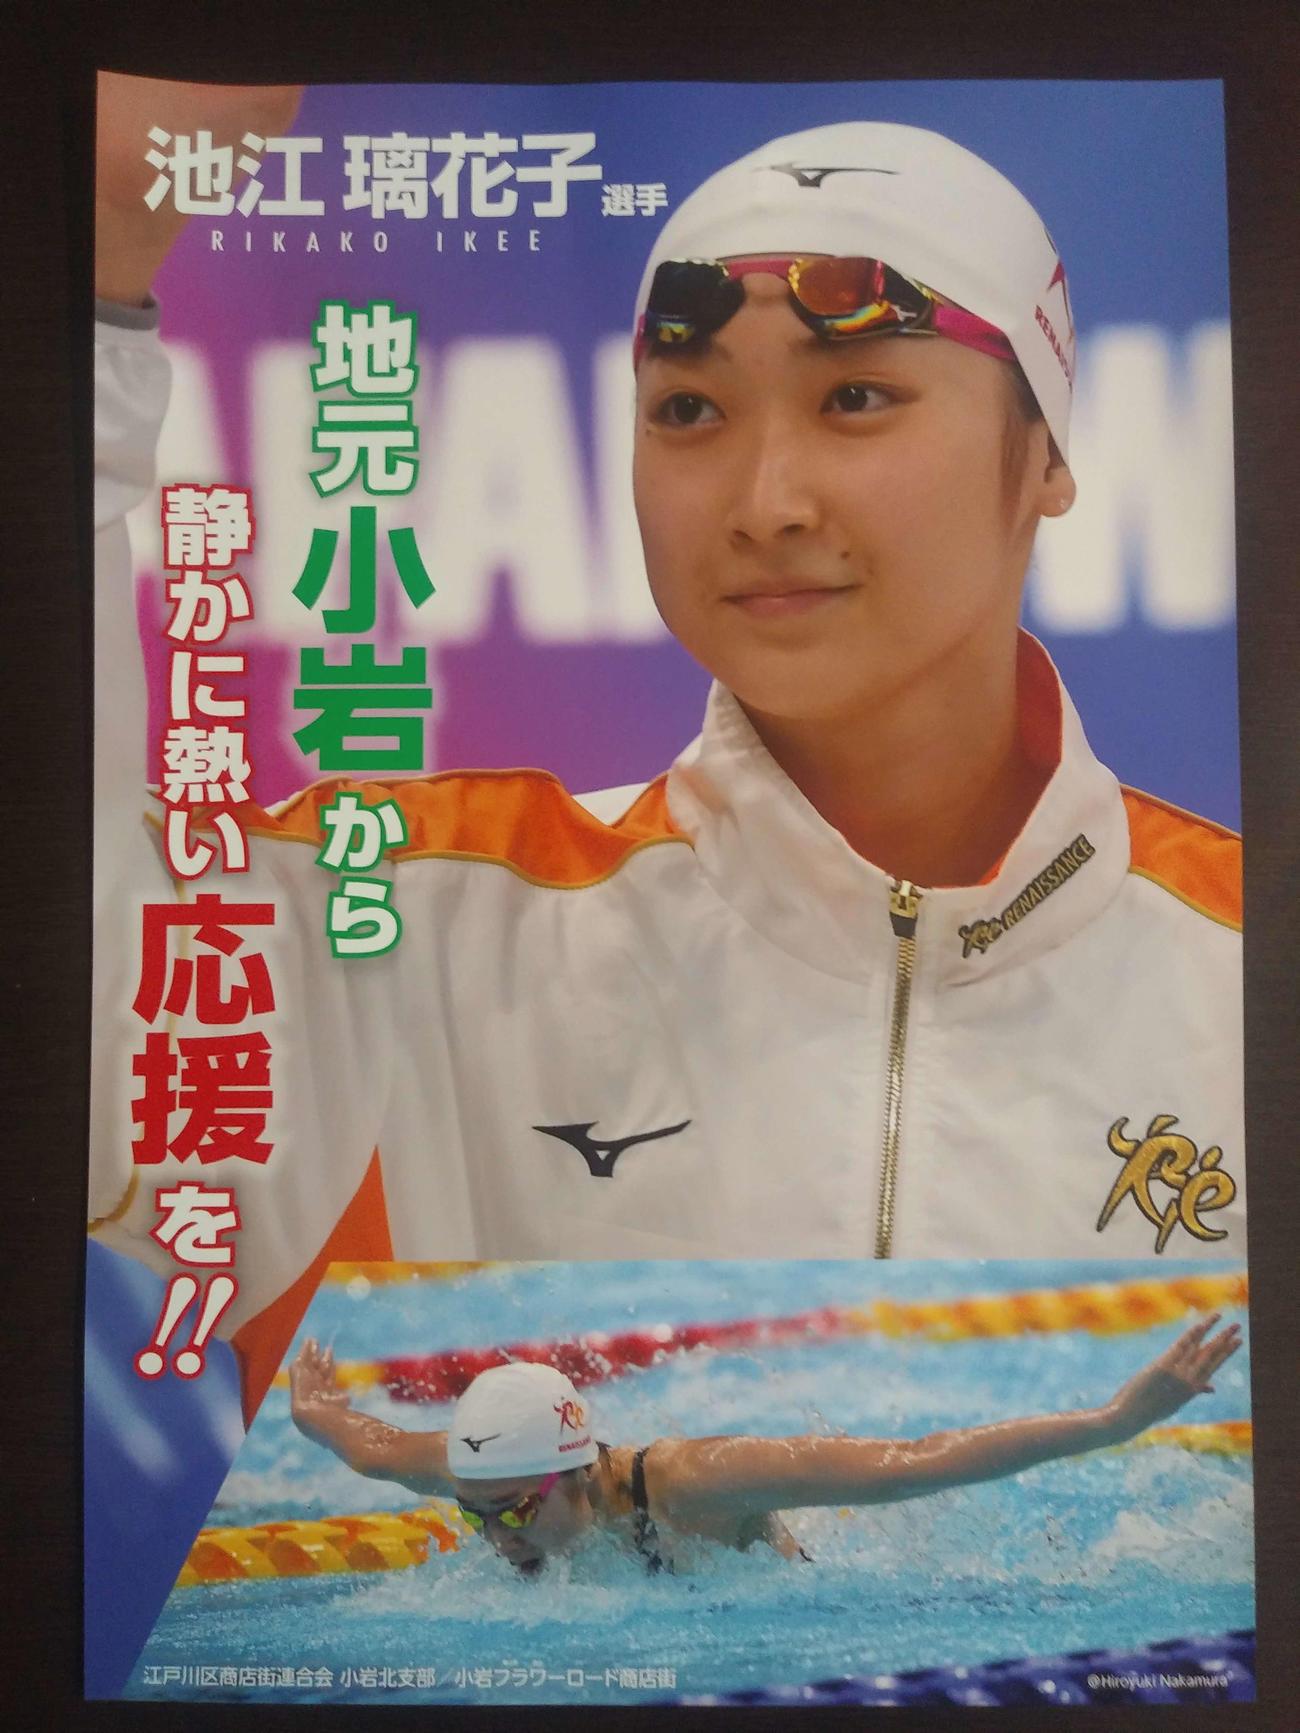 東京・小岩の商店街が製作した自宅観戦をすすめるポスター